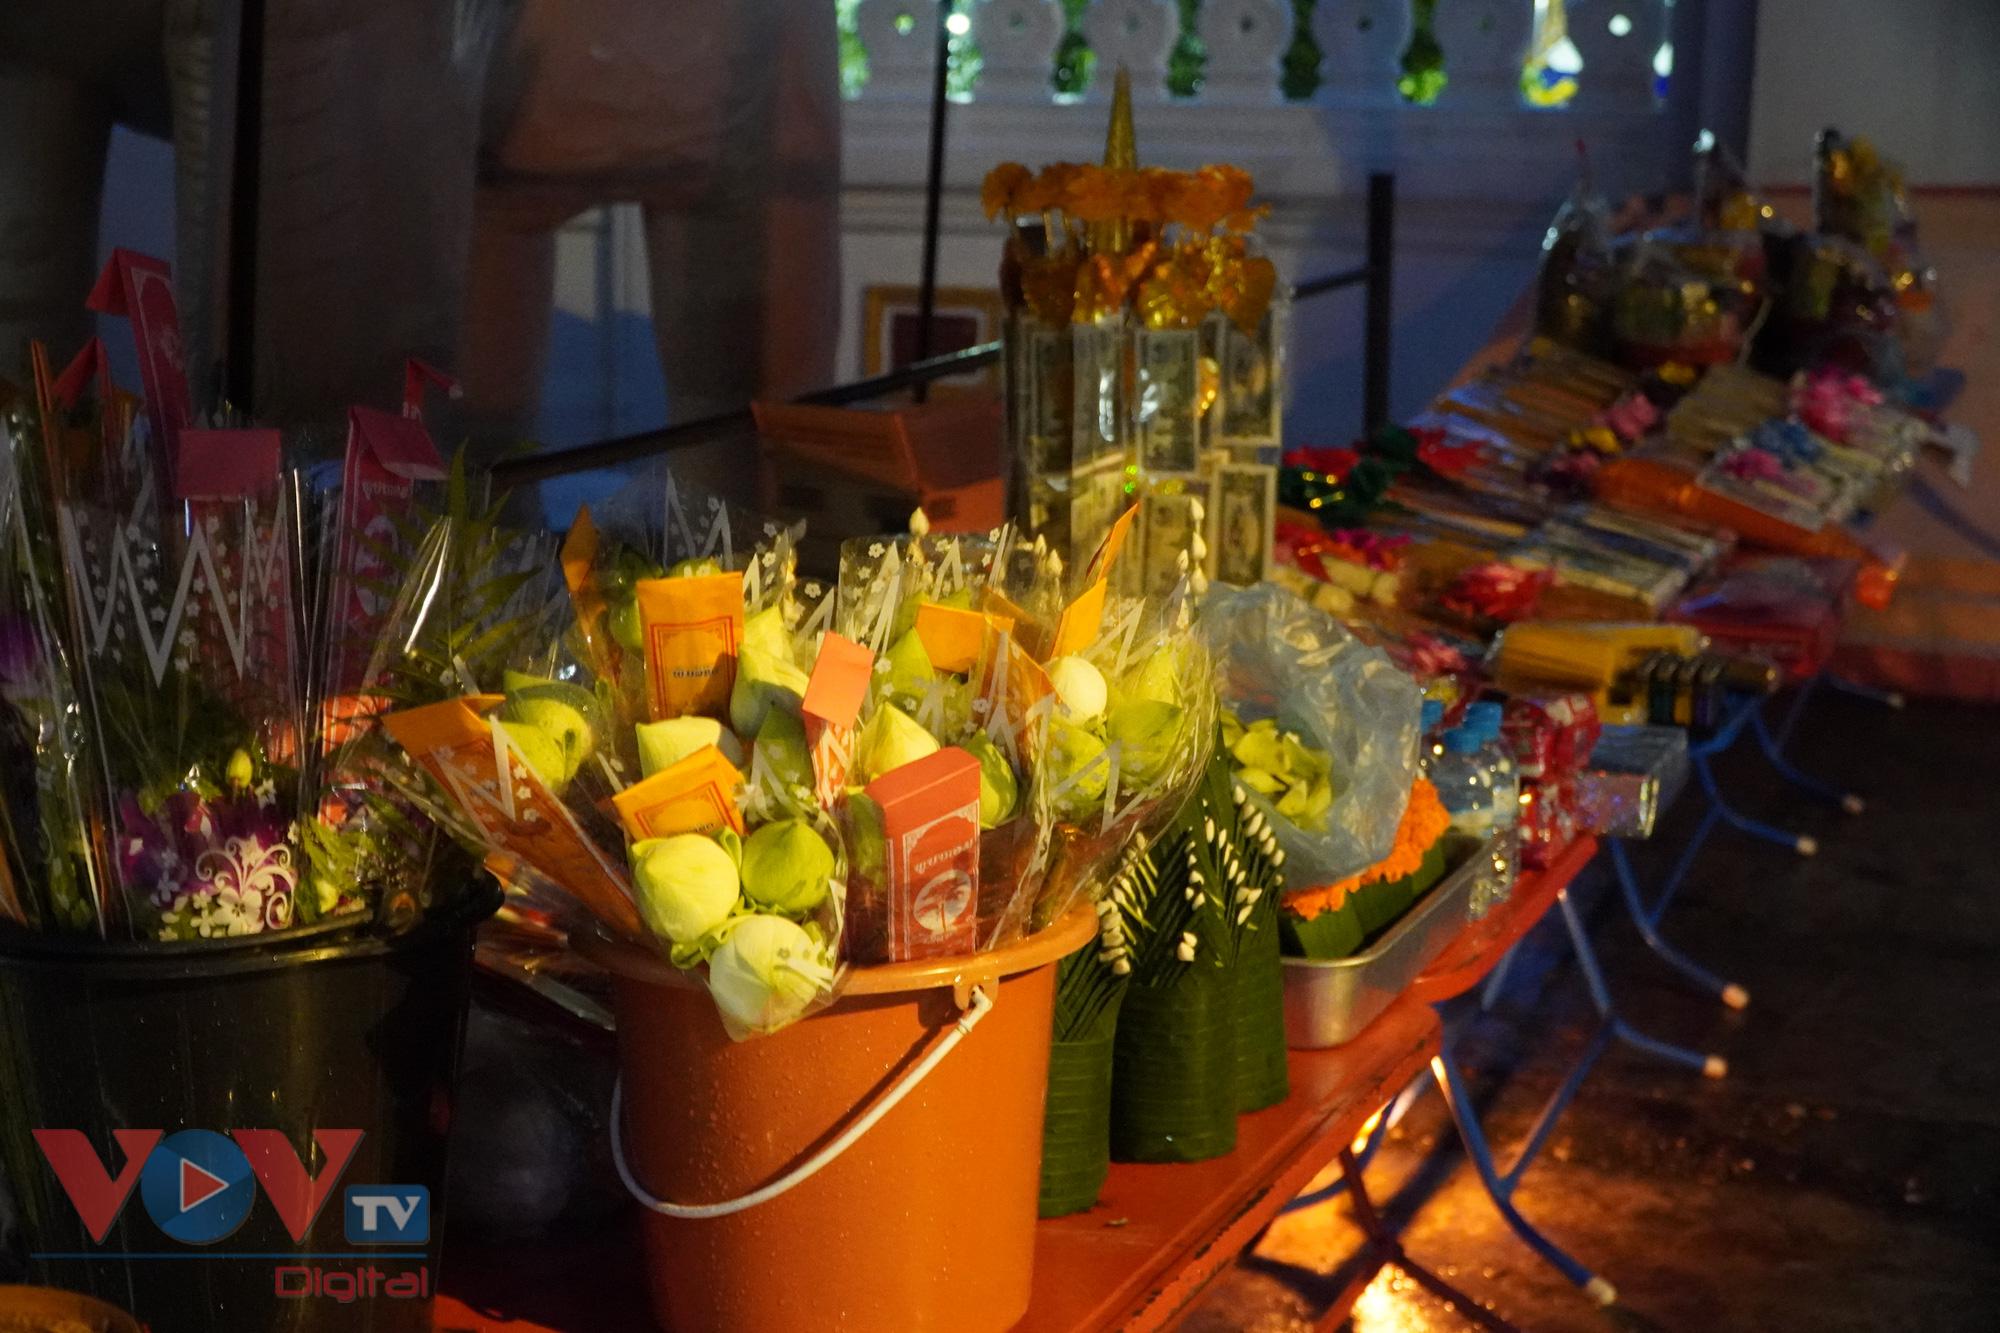 Để phục vụ du khách muốn tham gia nghi lễ Takbat, nhiều hàng quán đã bày bán đầy đủ đồ cúng dường cần thiết ngay cạnh cổng chùa